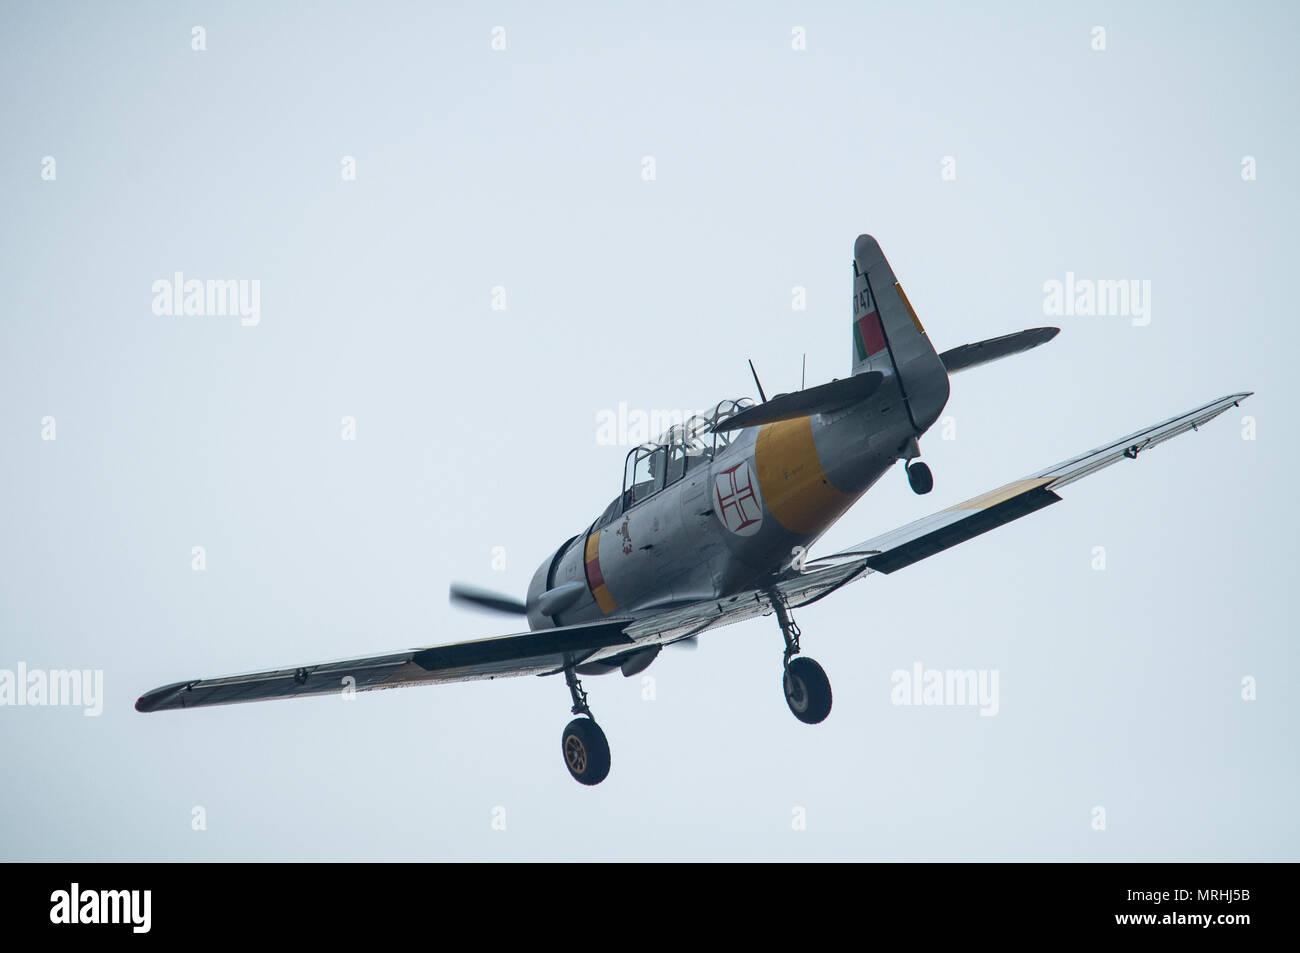 North American T-6 Harvard Aircraft - Stock Image